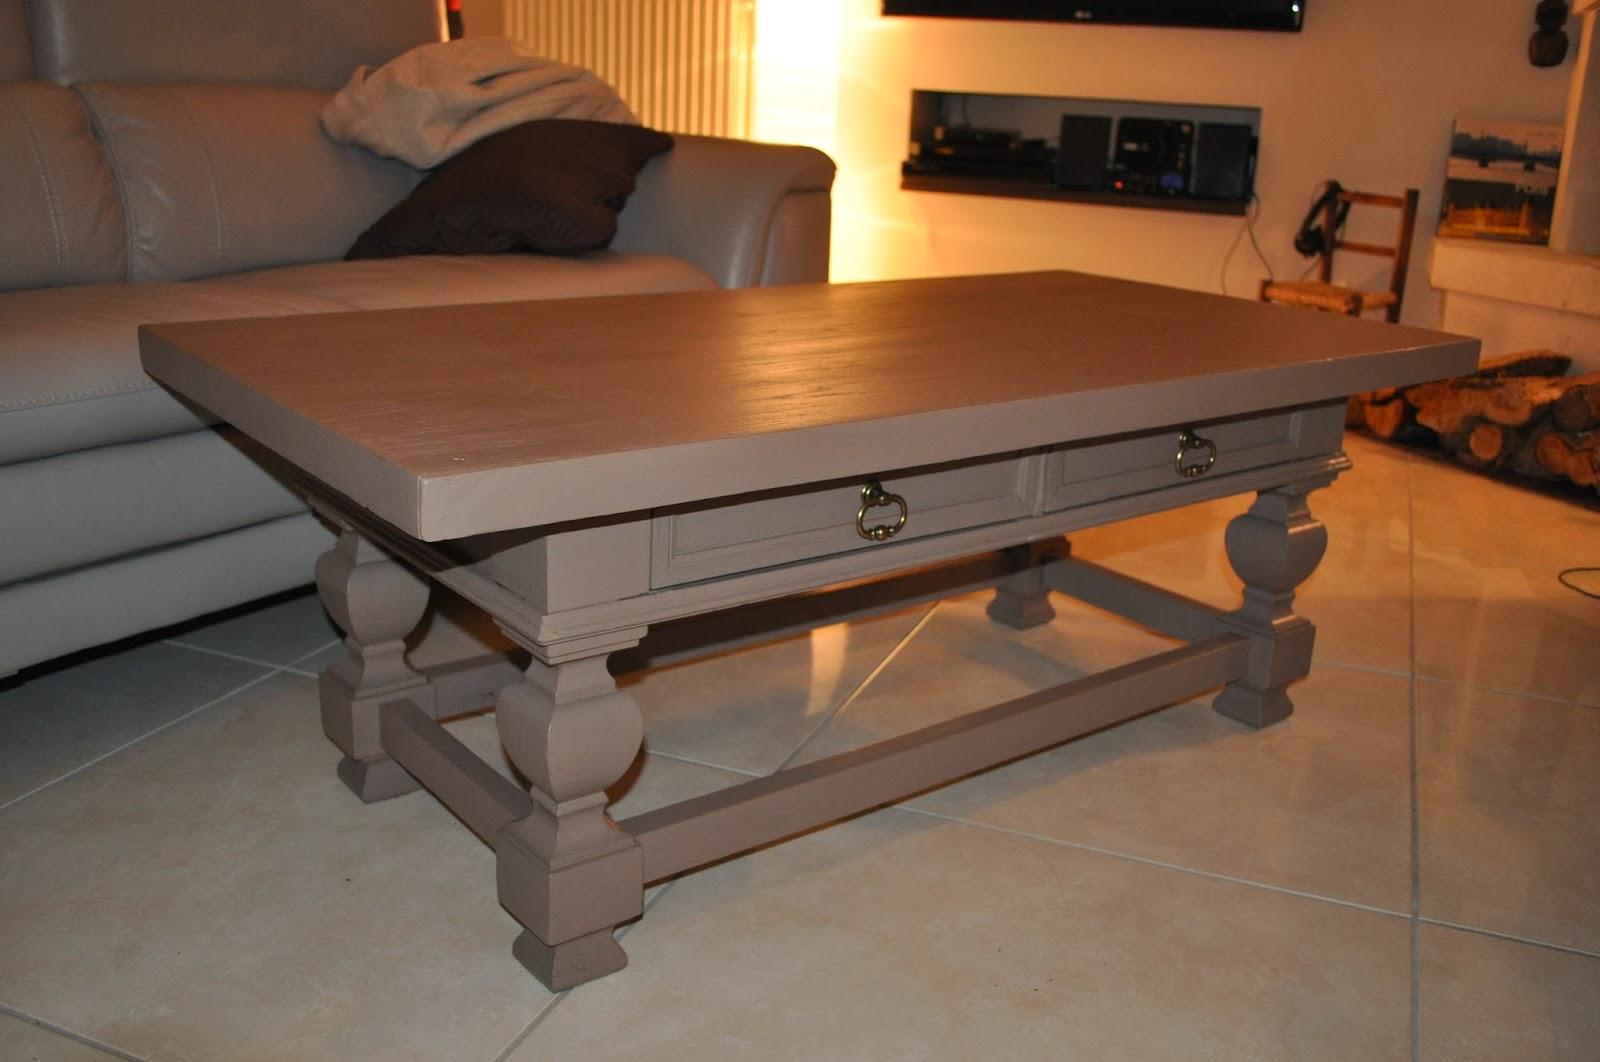 Customiser une table basse rustique - Customiser une table basse en bois ...